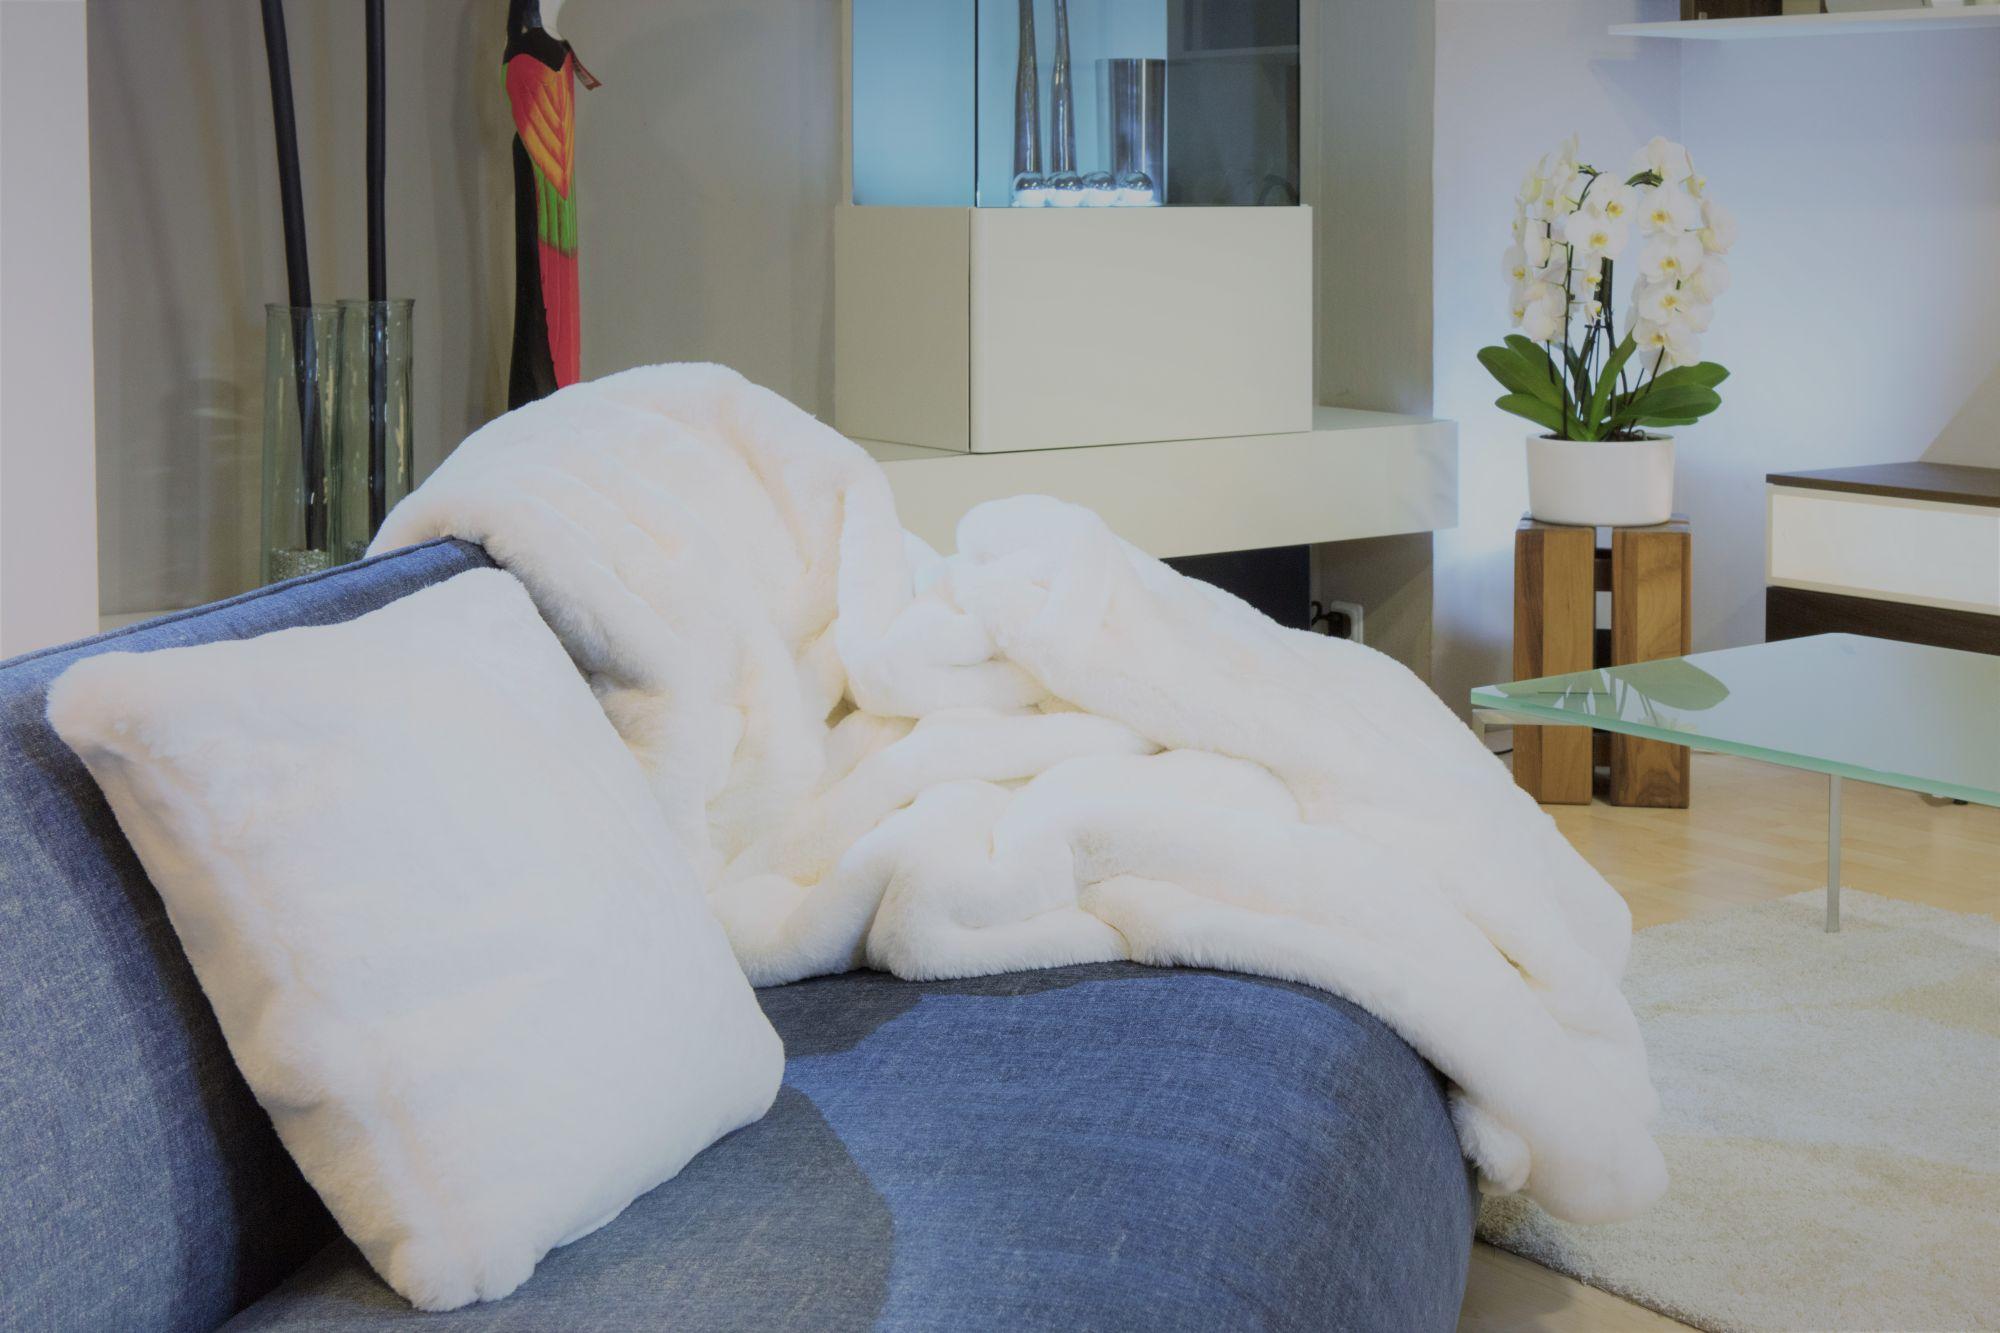 Star Home Textil Eisbär Milieu